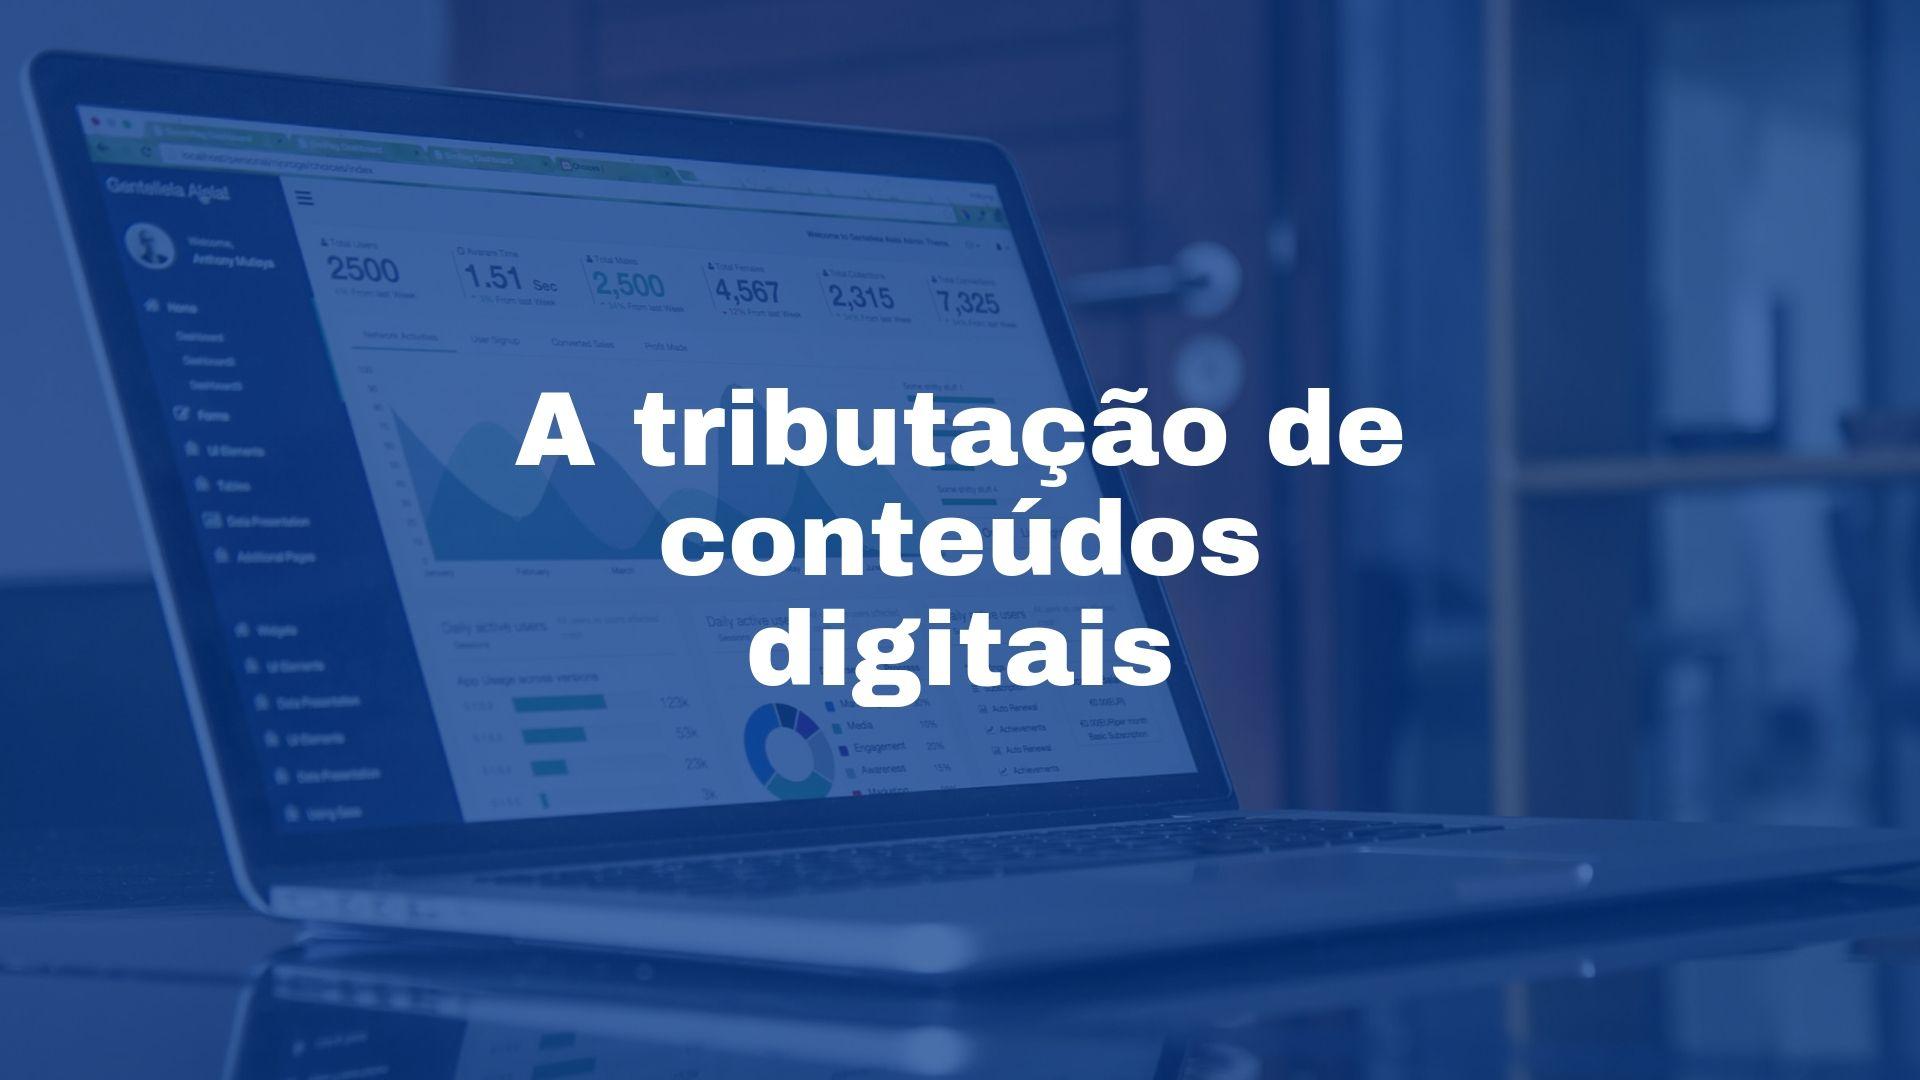 Contábil marketing digital - tributação conteúdo digitais